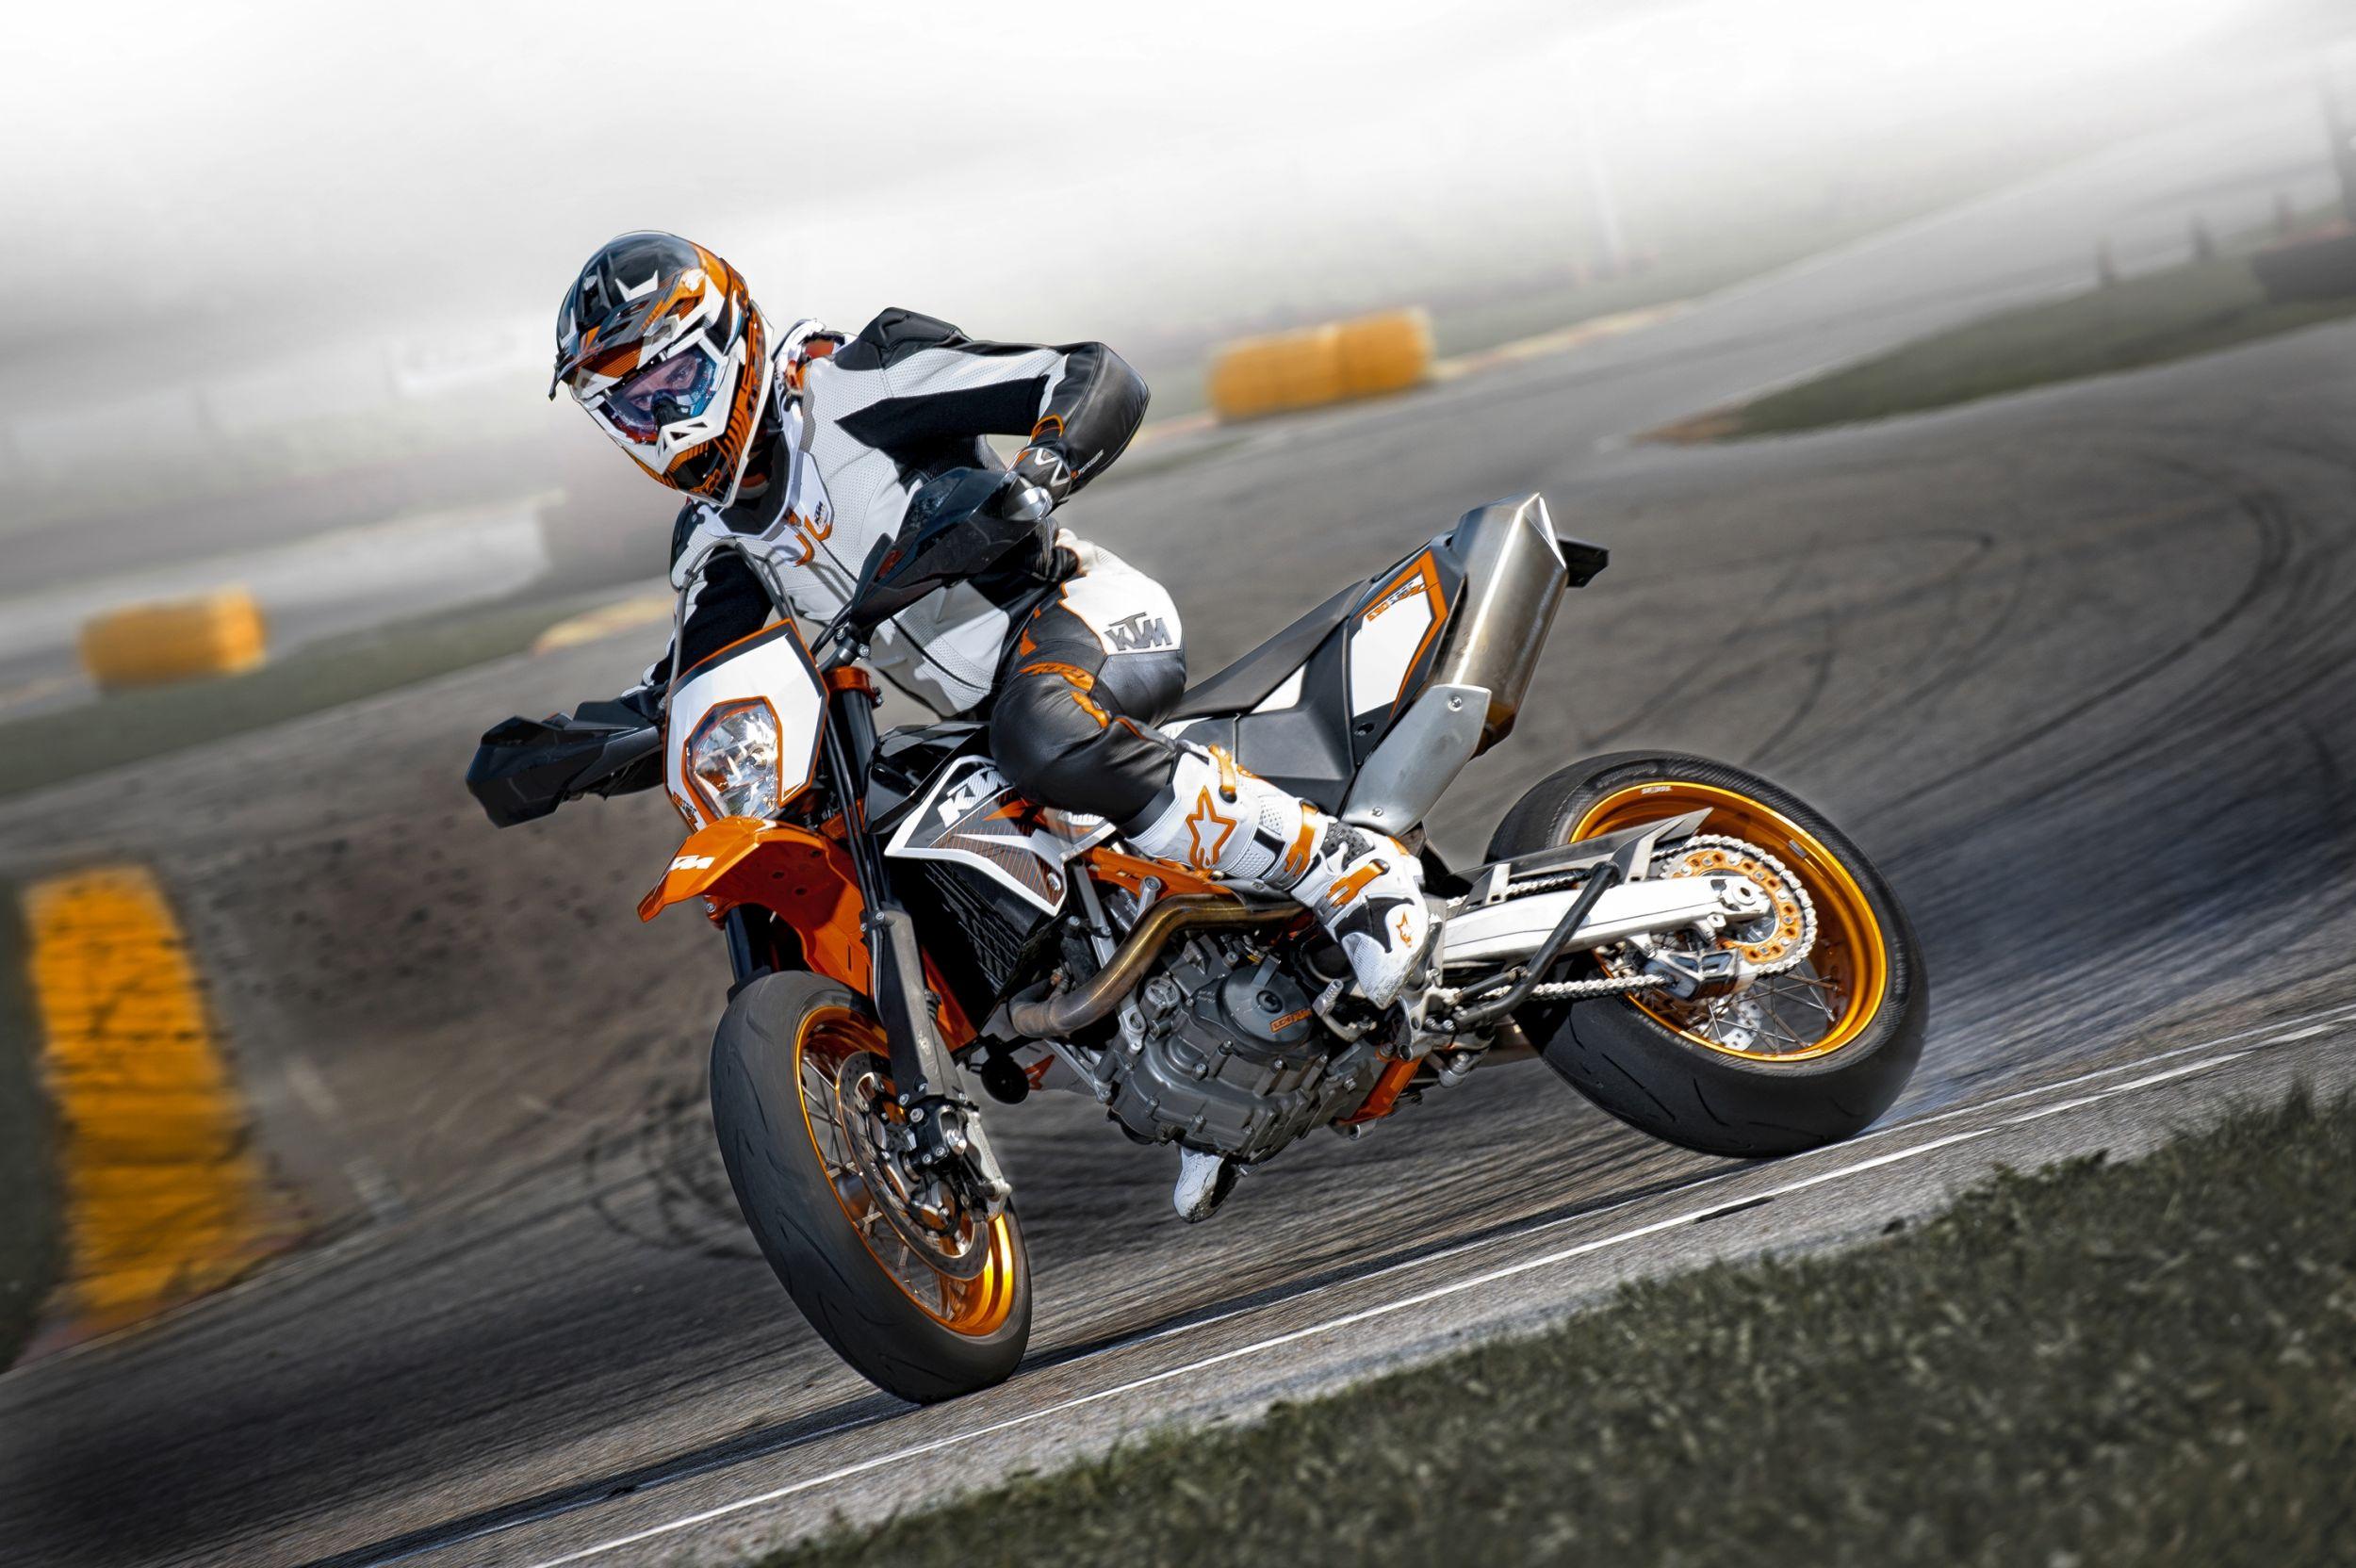 Ktm Smcr 2018 >> Gebrauchte KTM 690 SMC R Motorräder kaufen